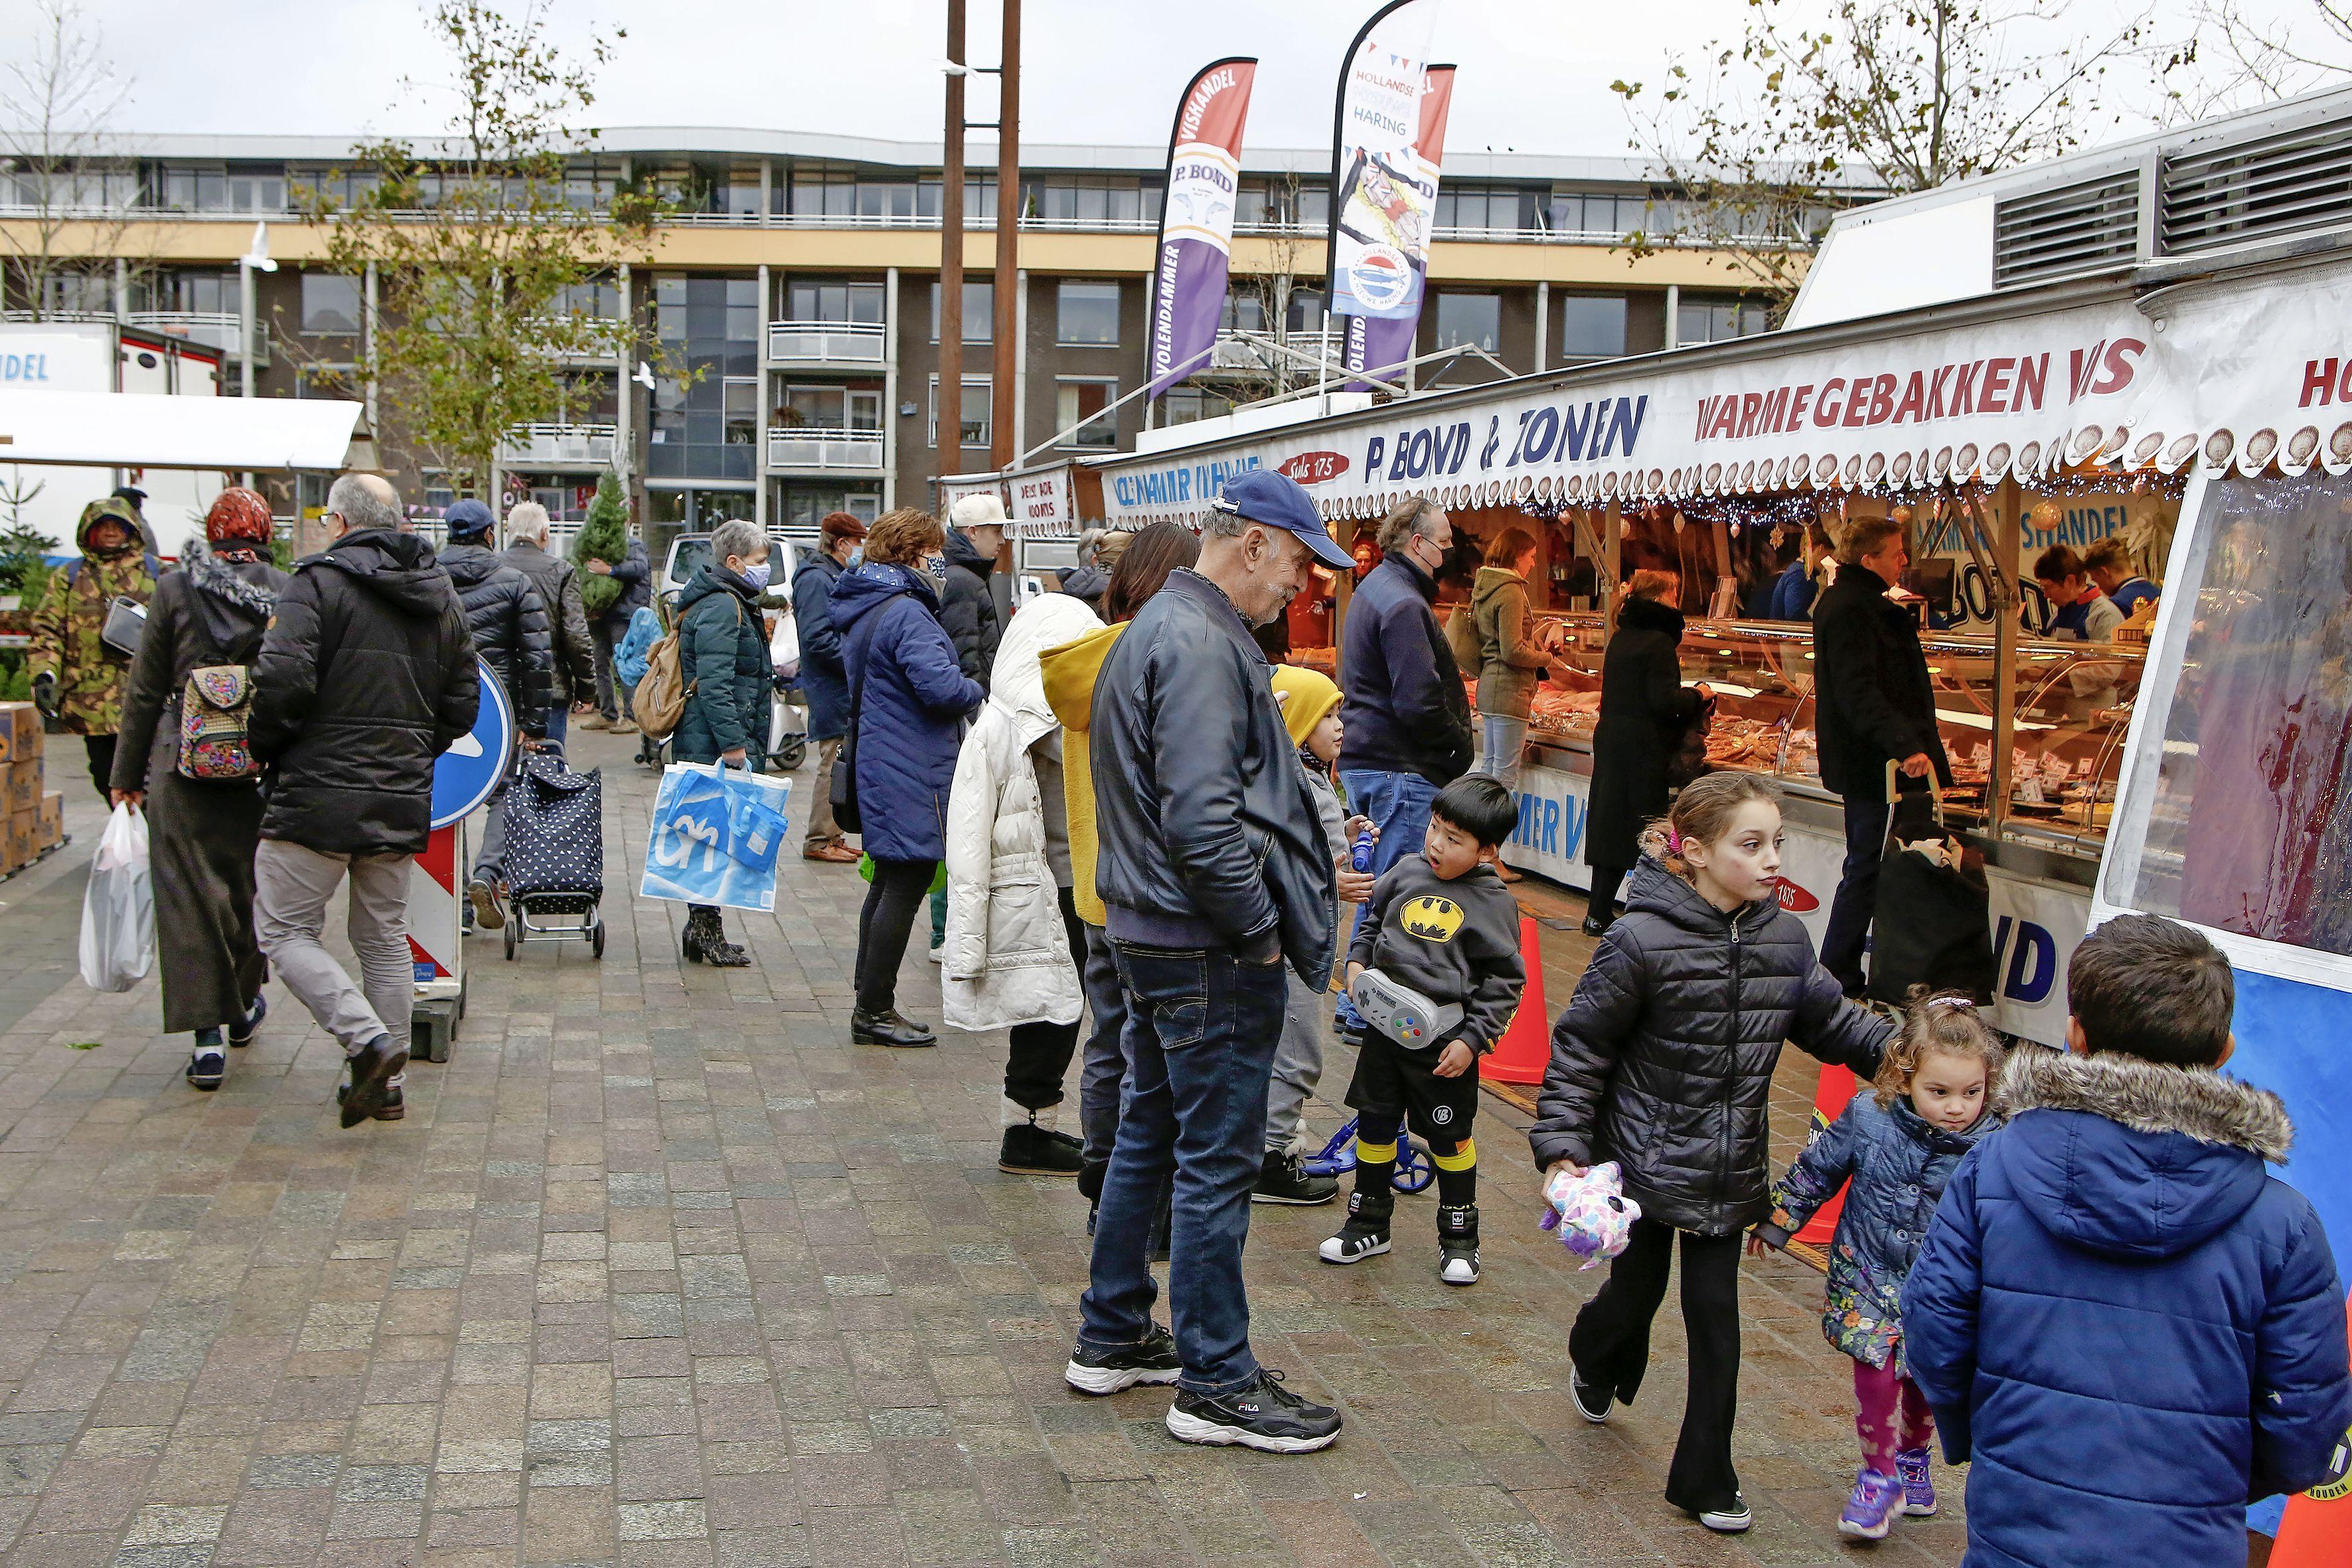 Geboren in Bunschoten? Grote kans dat je meer verdient dan je ouders dan wanneer je opgroeit in Hilversum. 'Maar dat is niet het hele verhaal'